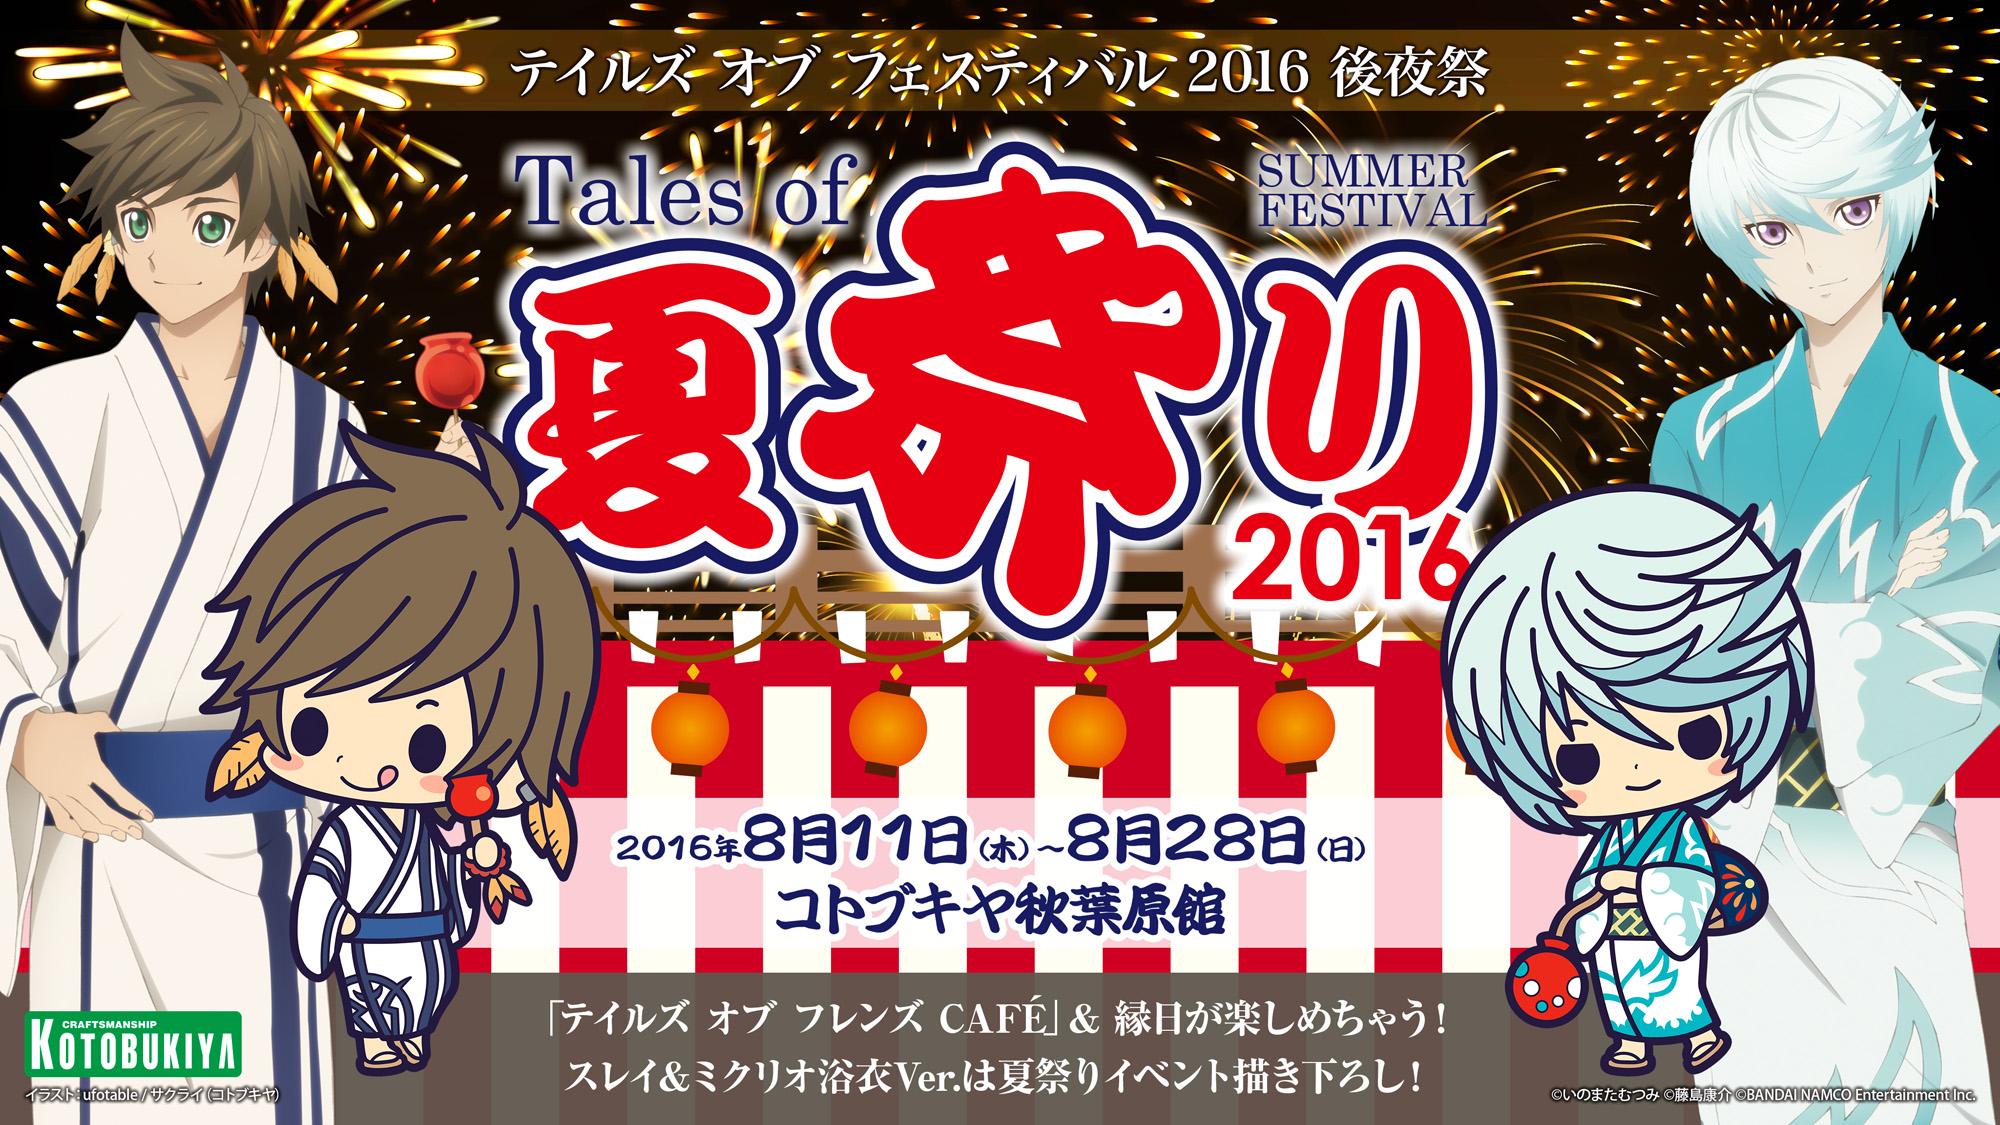 【8月27日(土)】テイルズ オブ 夏祭り 2016 『Tales of Café』 入場整理券